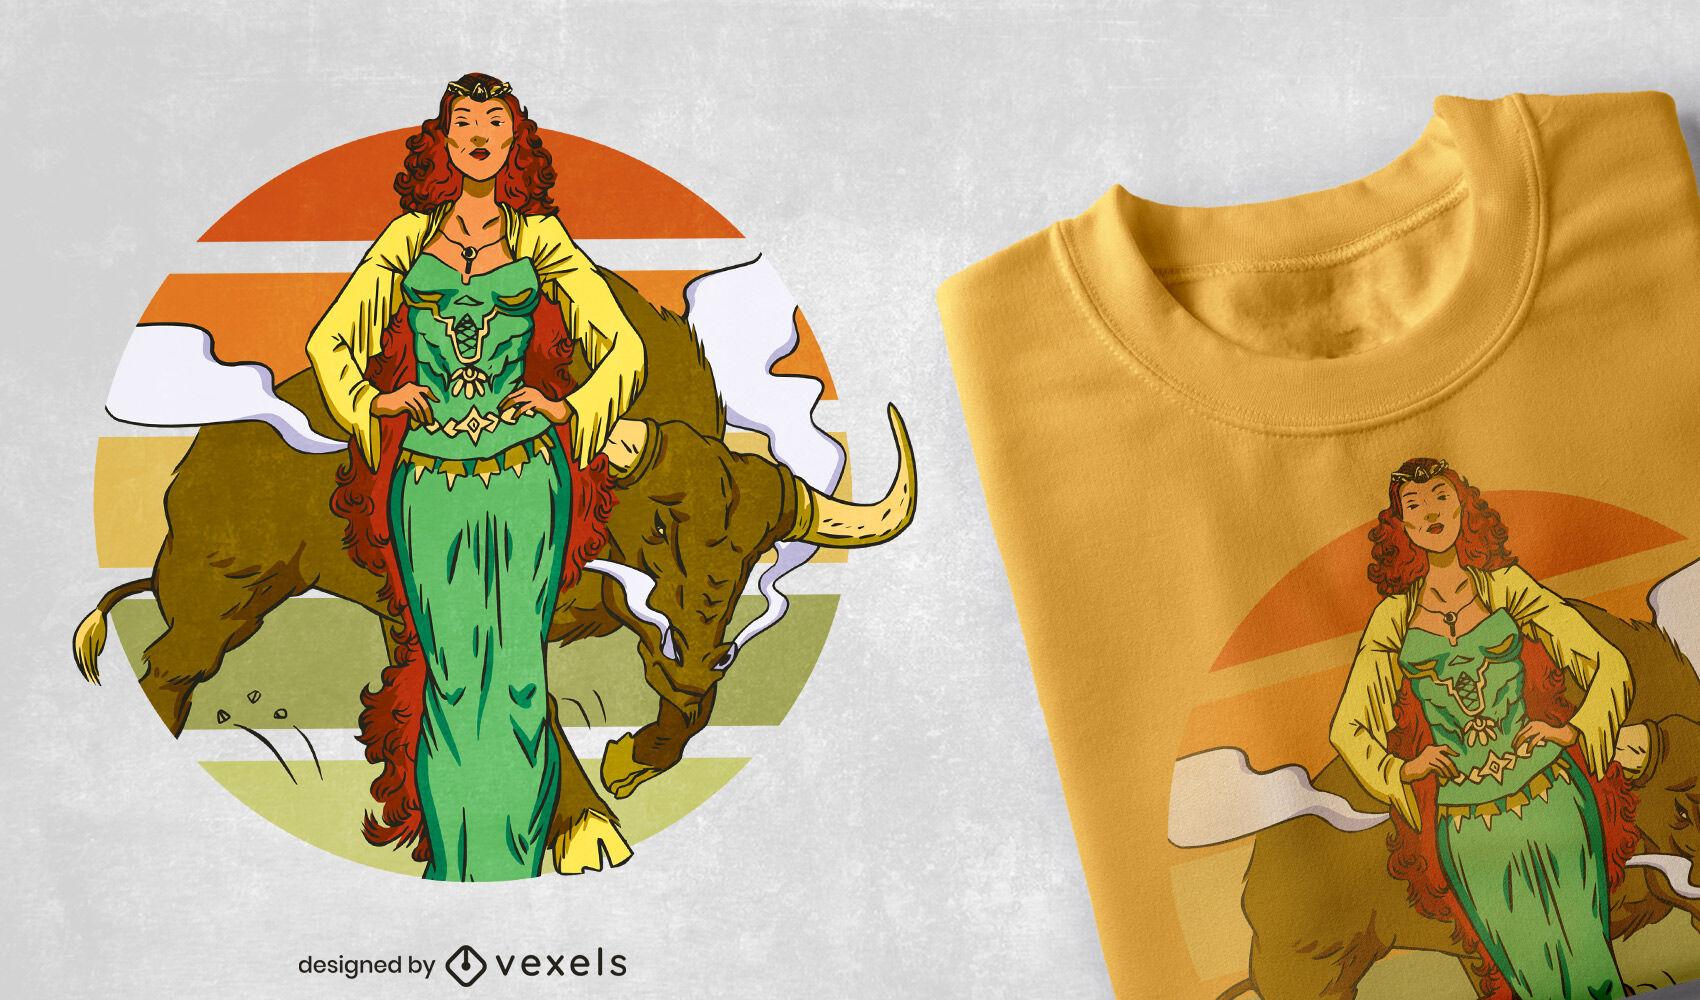 Cool Queen Maeve t-shirt design